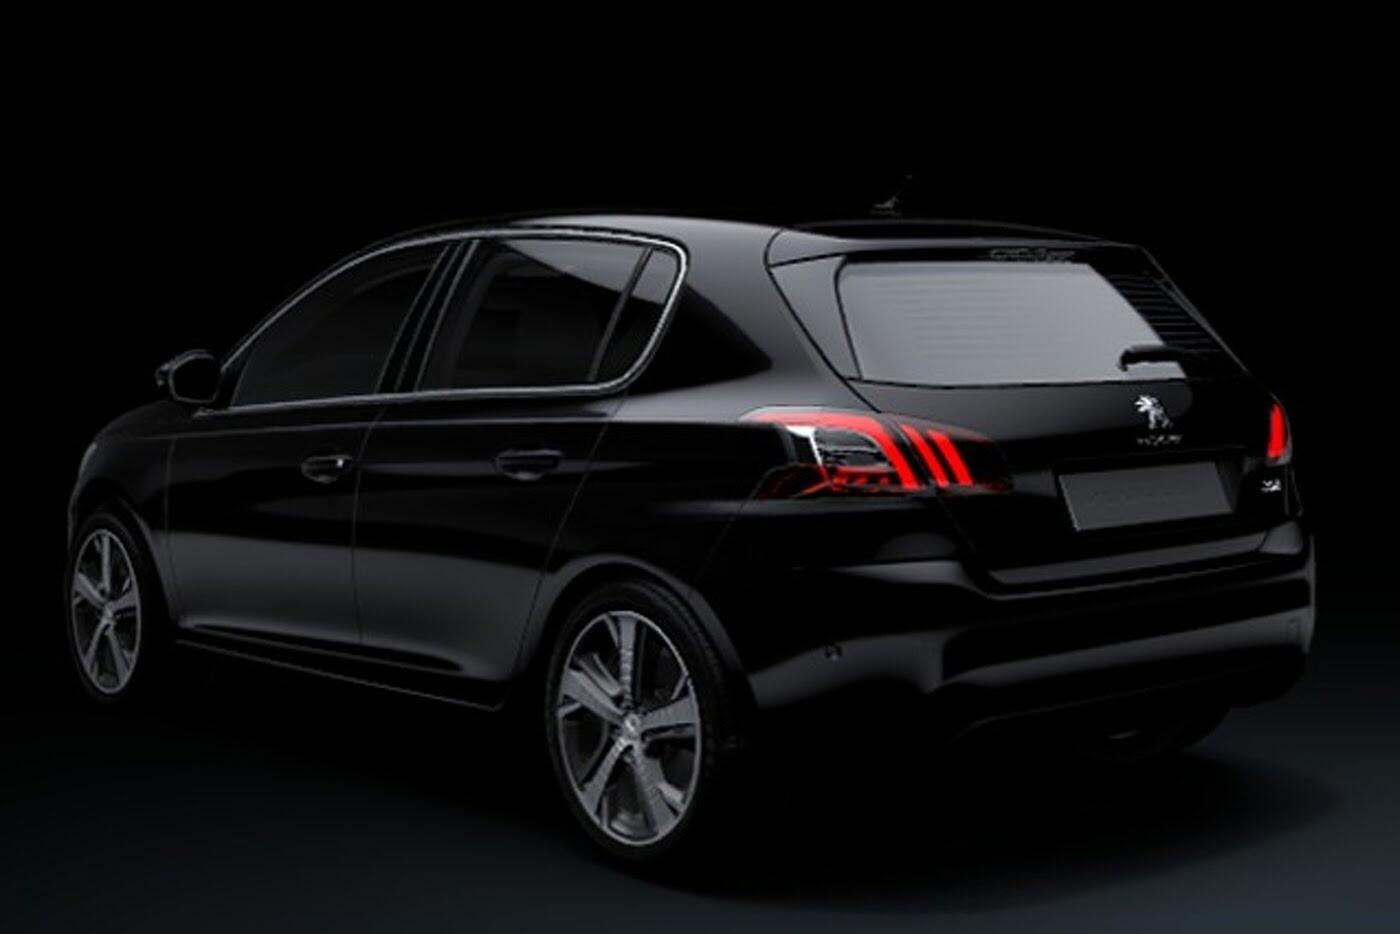 Thêm thông tin về động cơ của Peugeot 308 bản nâng cấp 2018 - Hình 4